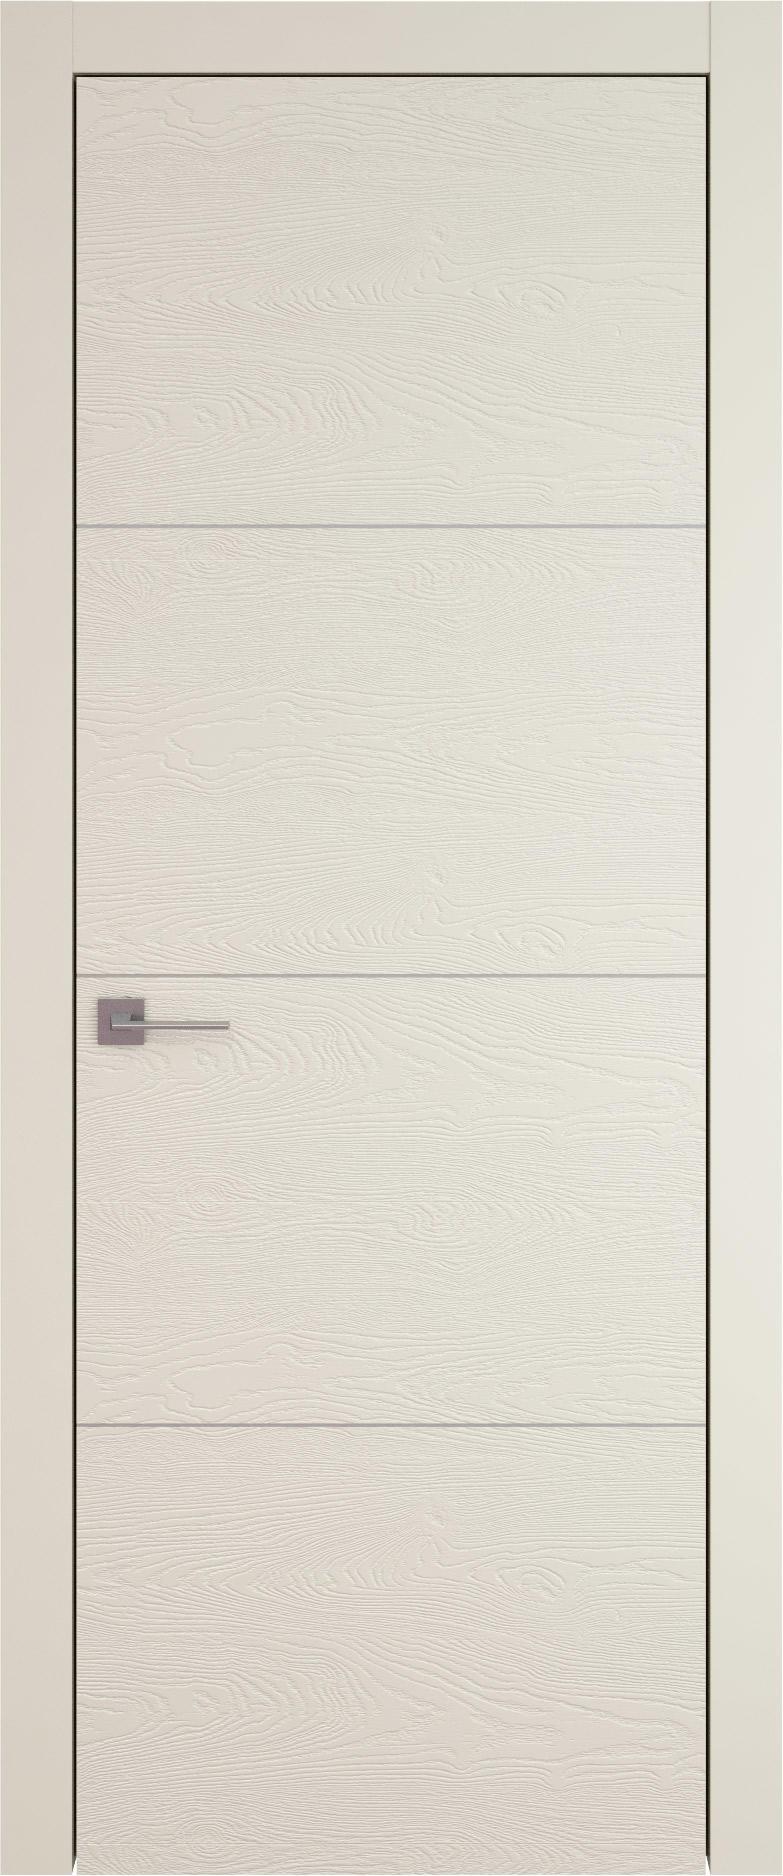 Tivoli Г-3 цвет - Жемчужная эмаль по шпону (RAL 1013) Без стекла (ДГ)